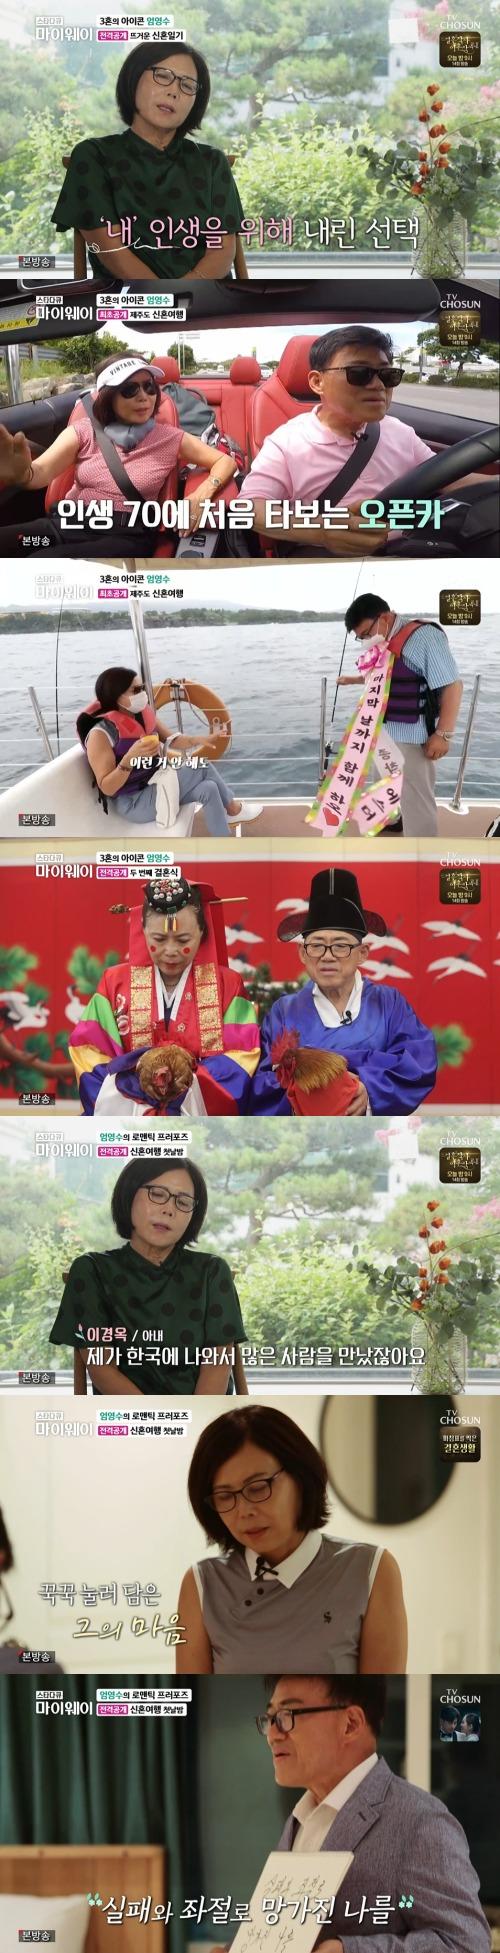 TV조선 '스타다큐 마이웨이' 방송 화면 캡처 © 뉴스1